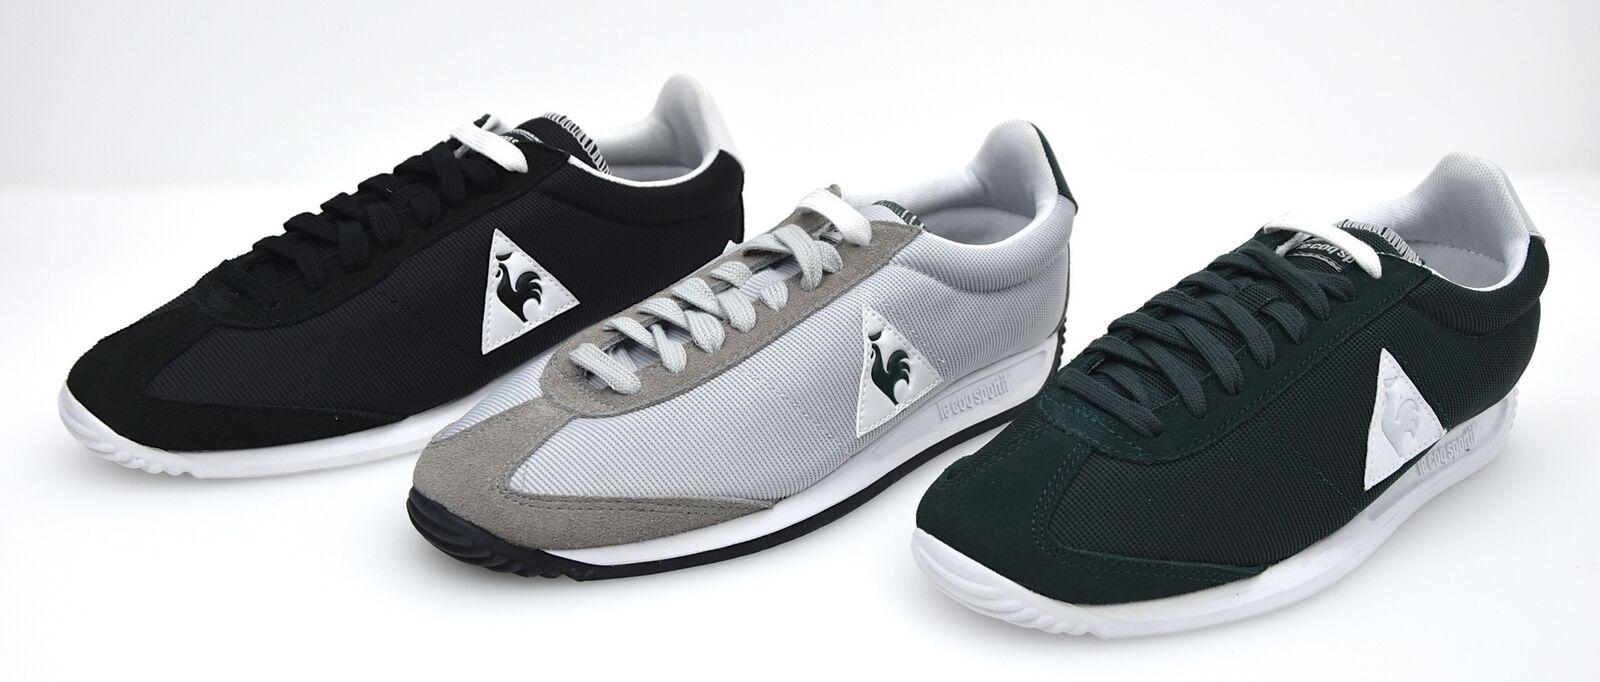 LE Coq Sportif herr herr herr skor Casual skor Pradier Synthetic Quartz Nylon  butik försäljning försäljningsstället